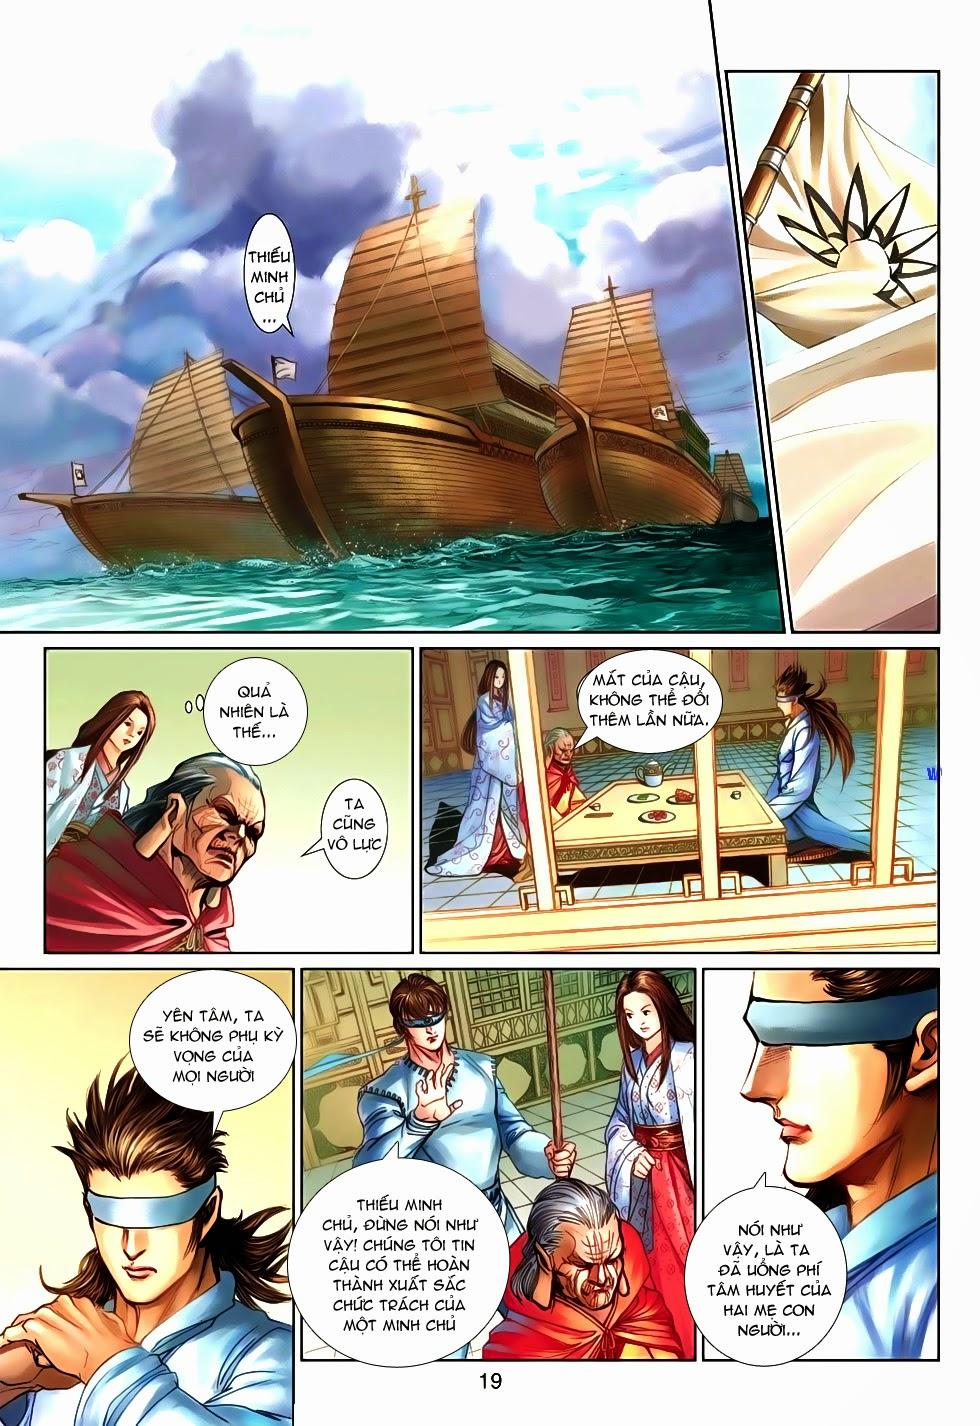 Thần Binh Tiền Truyện 4 - Huyền Thiên Tà Đế chap 9 - Trang 19